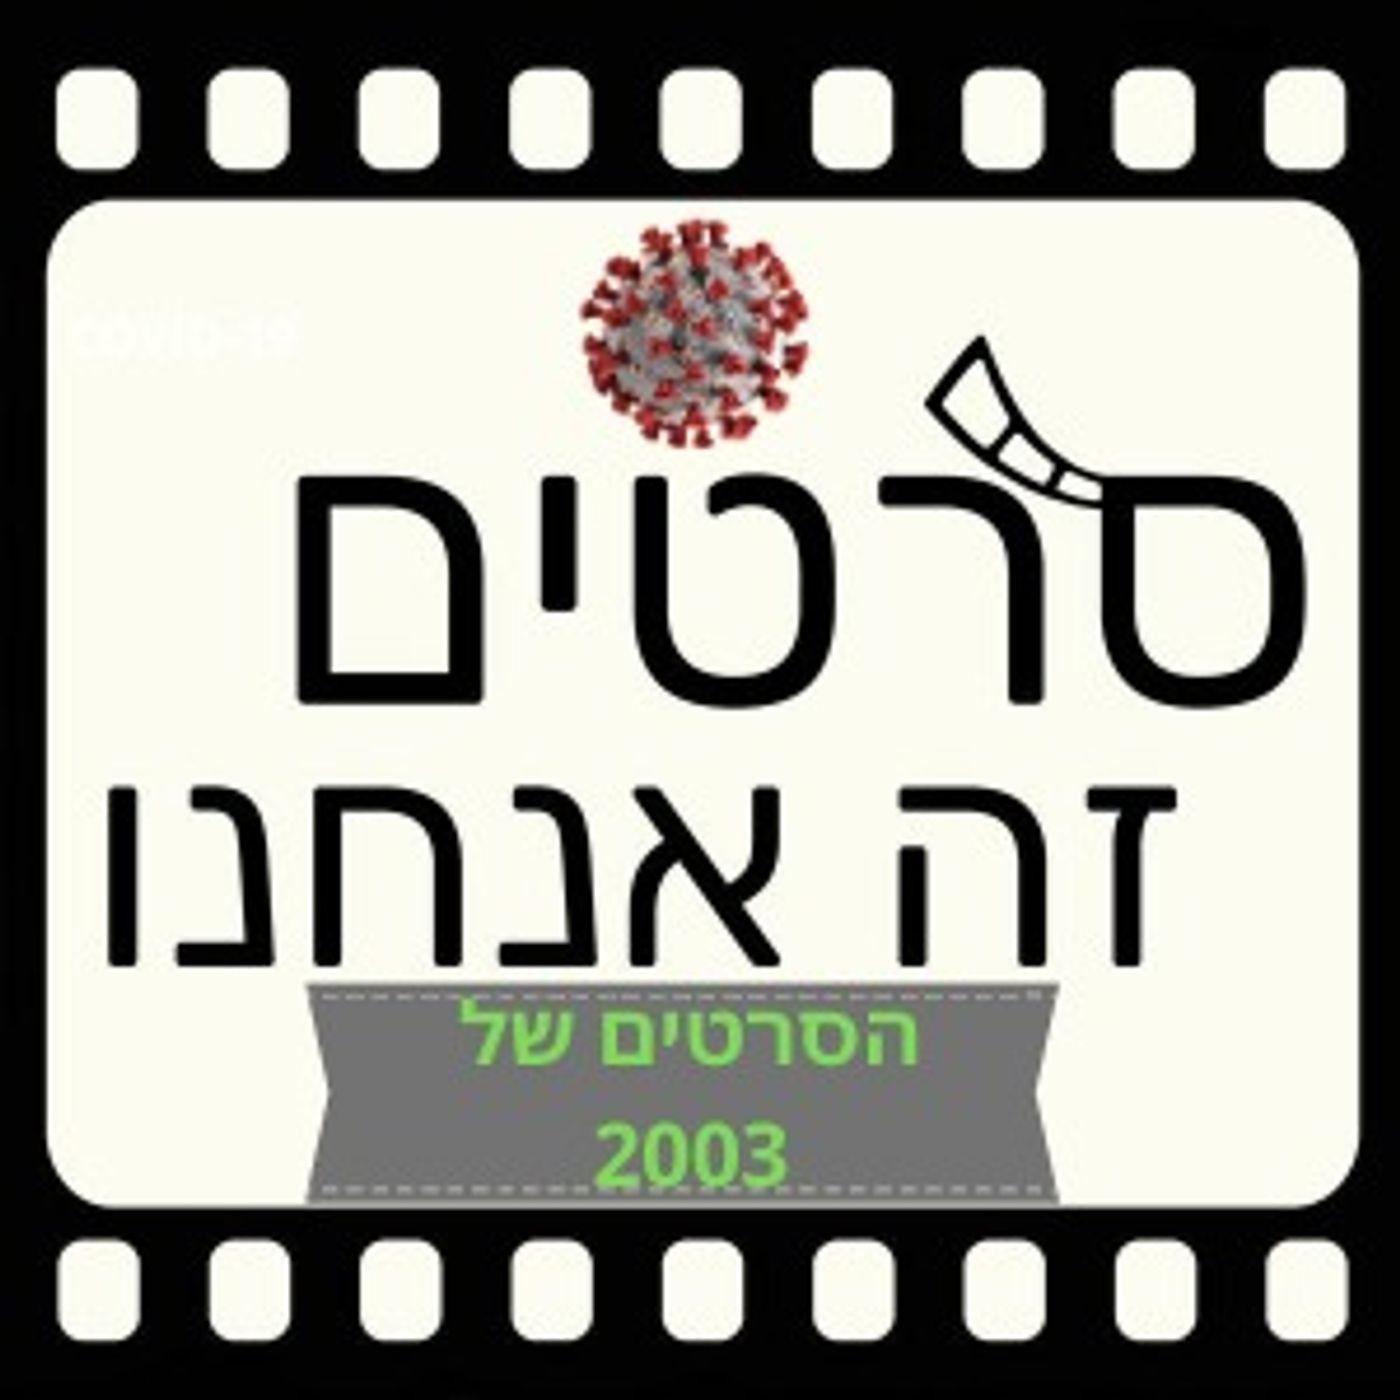 מדברים על הסרטים של 2003 (ספיישל קורונה 22)